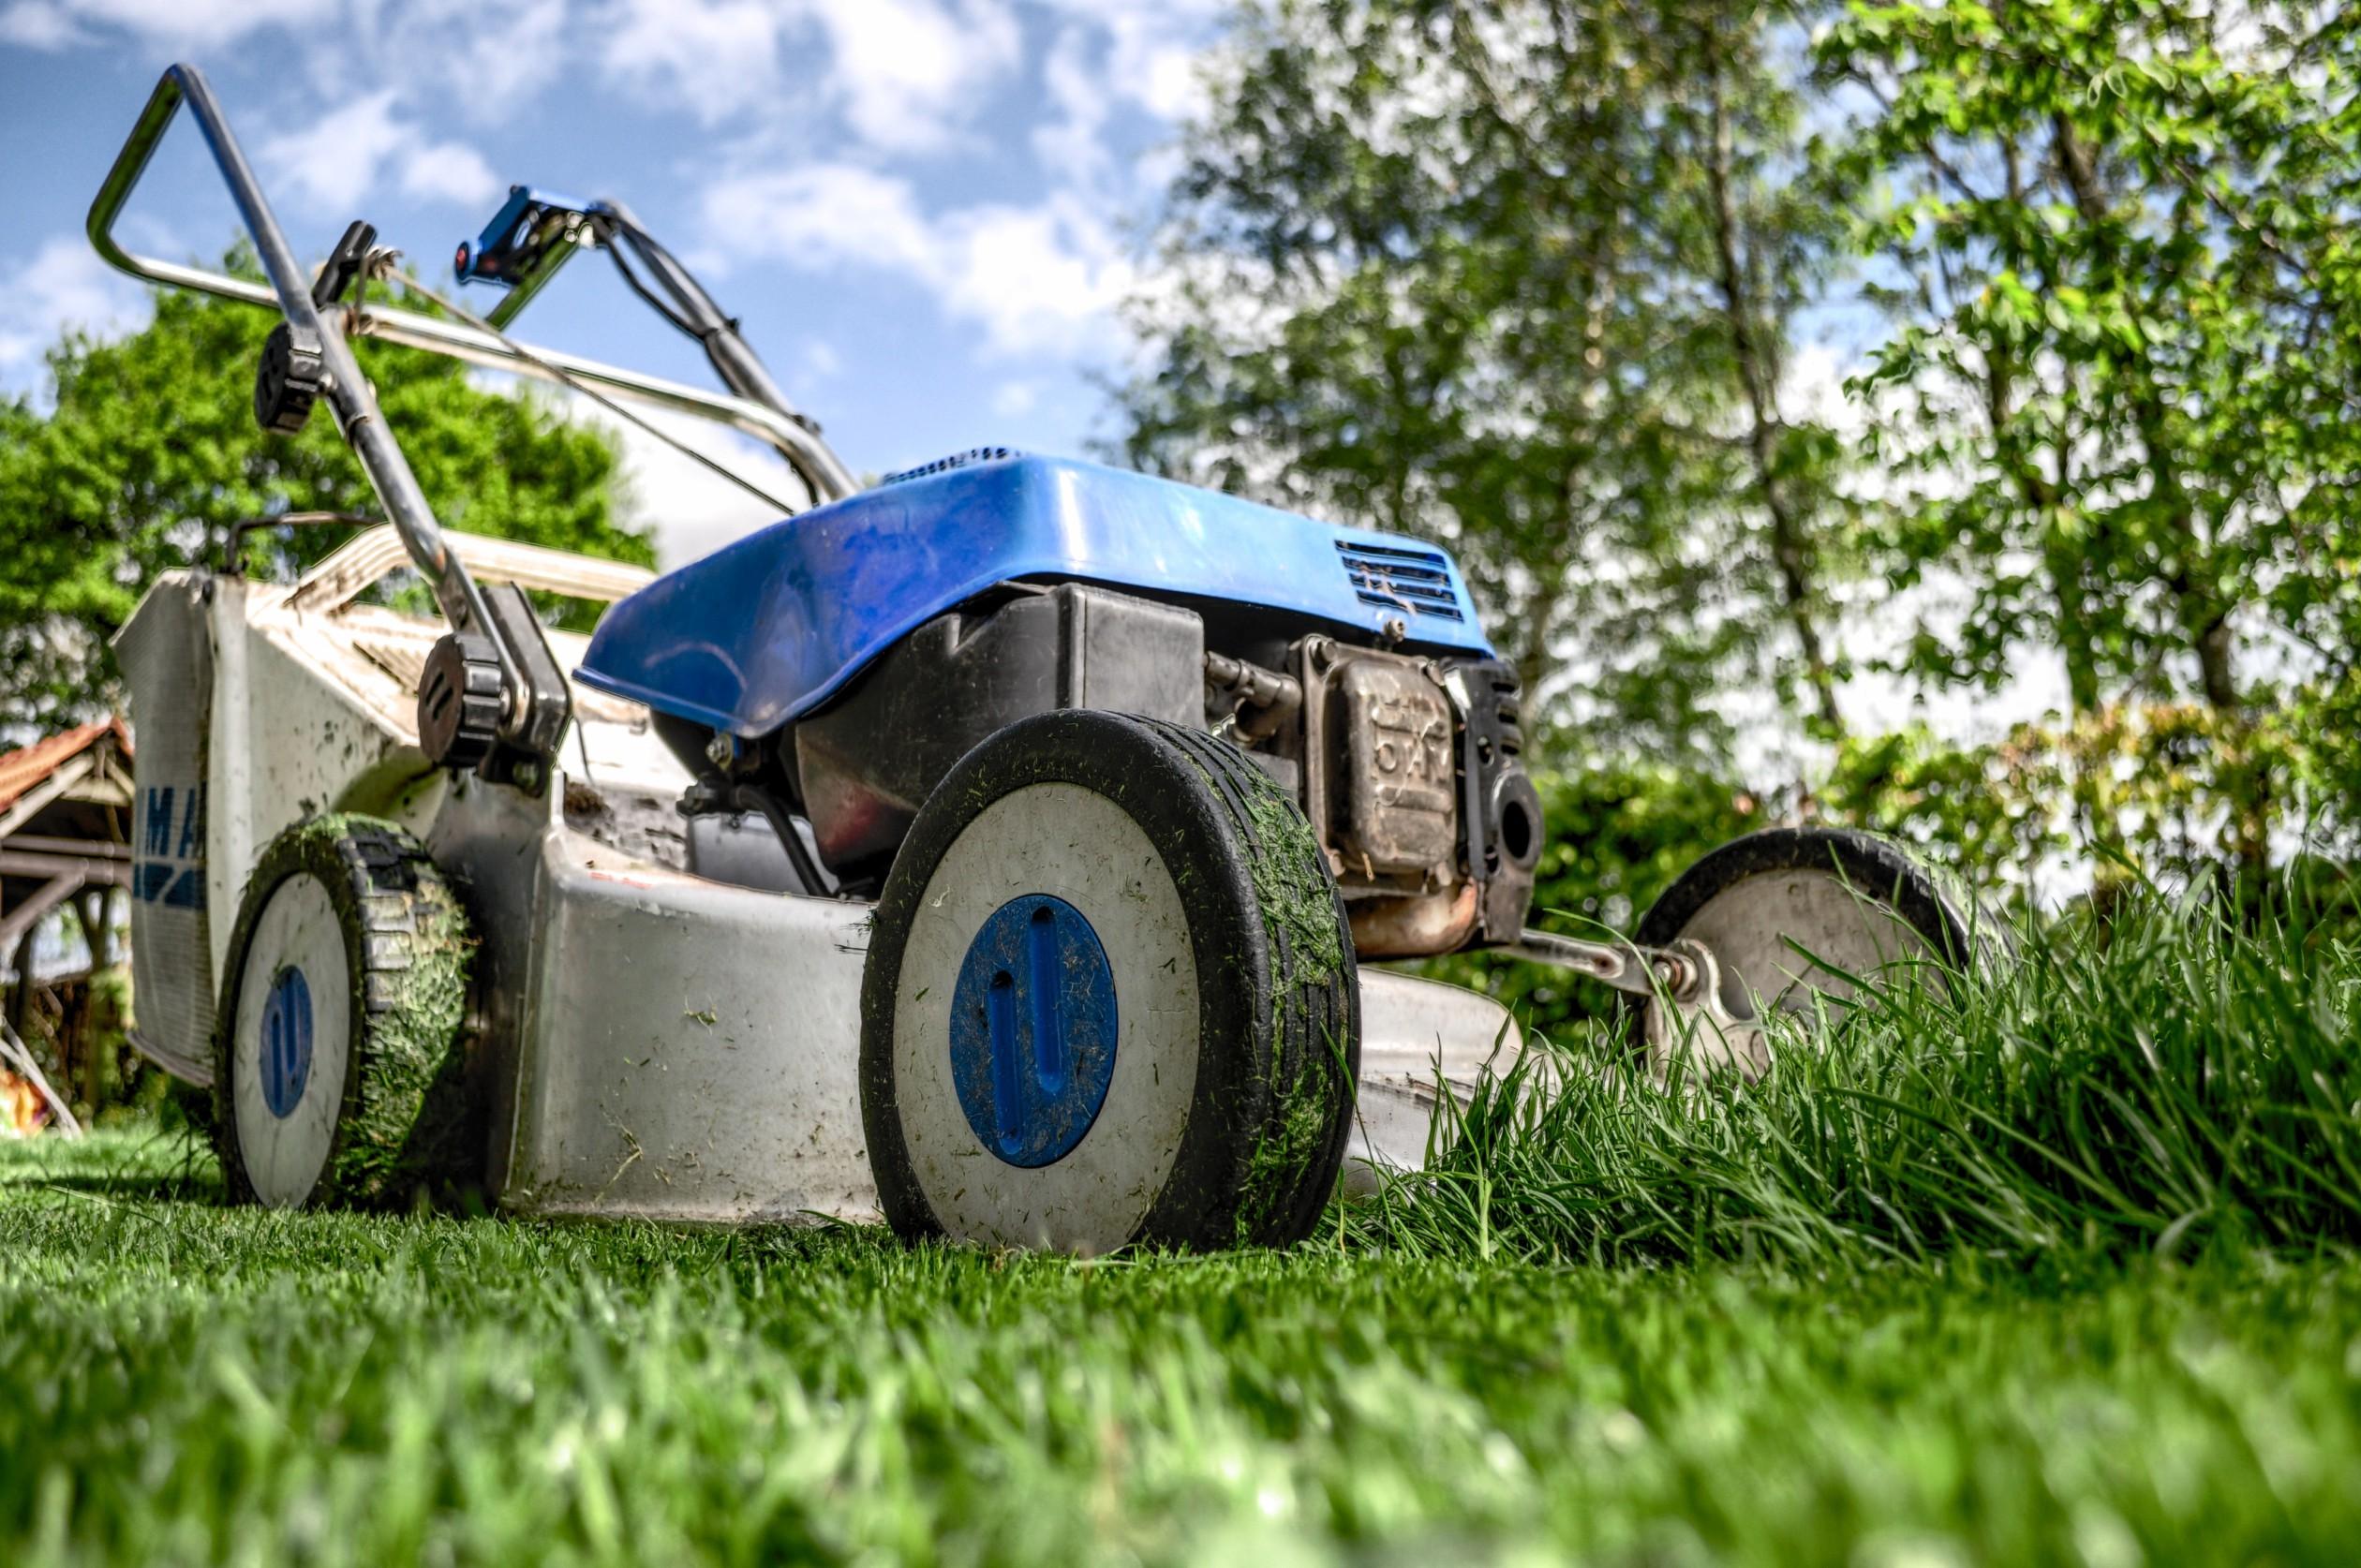 Garden Grass Meadow Green 589